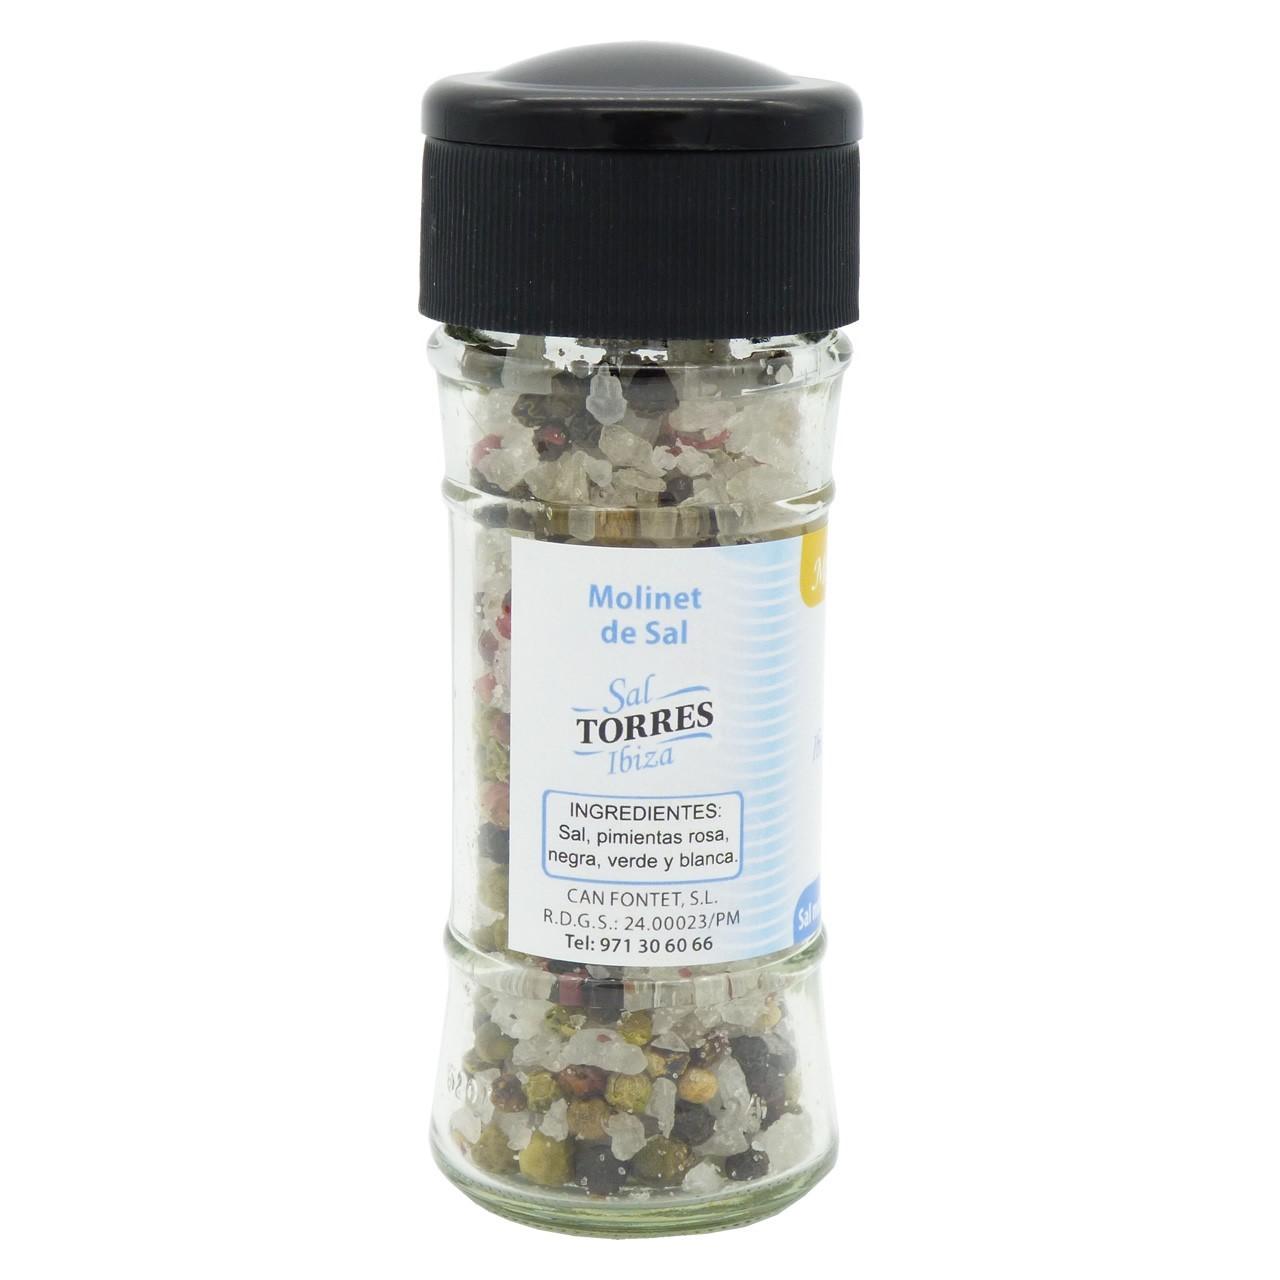 Bild von Salzmühle mit 4 verschiedenen Pfeffersorten - Molinillo de Sal de Ibiza a las 4 Pimientas (70 g) - Sal Torres